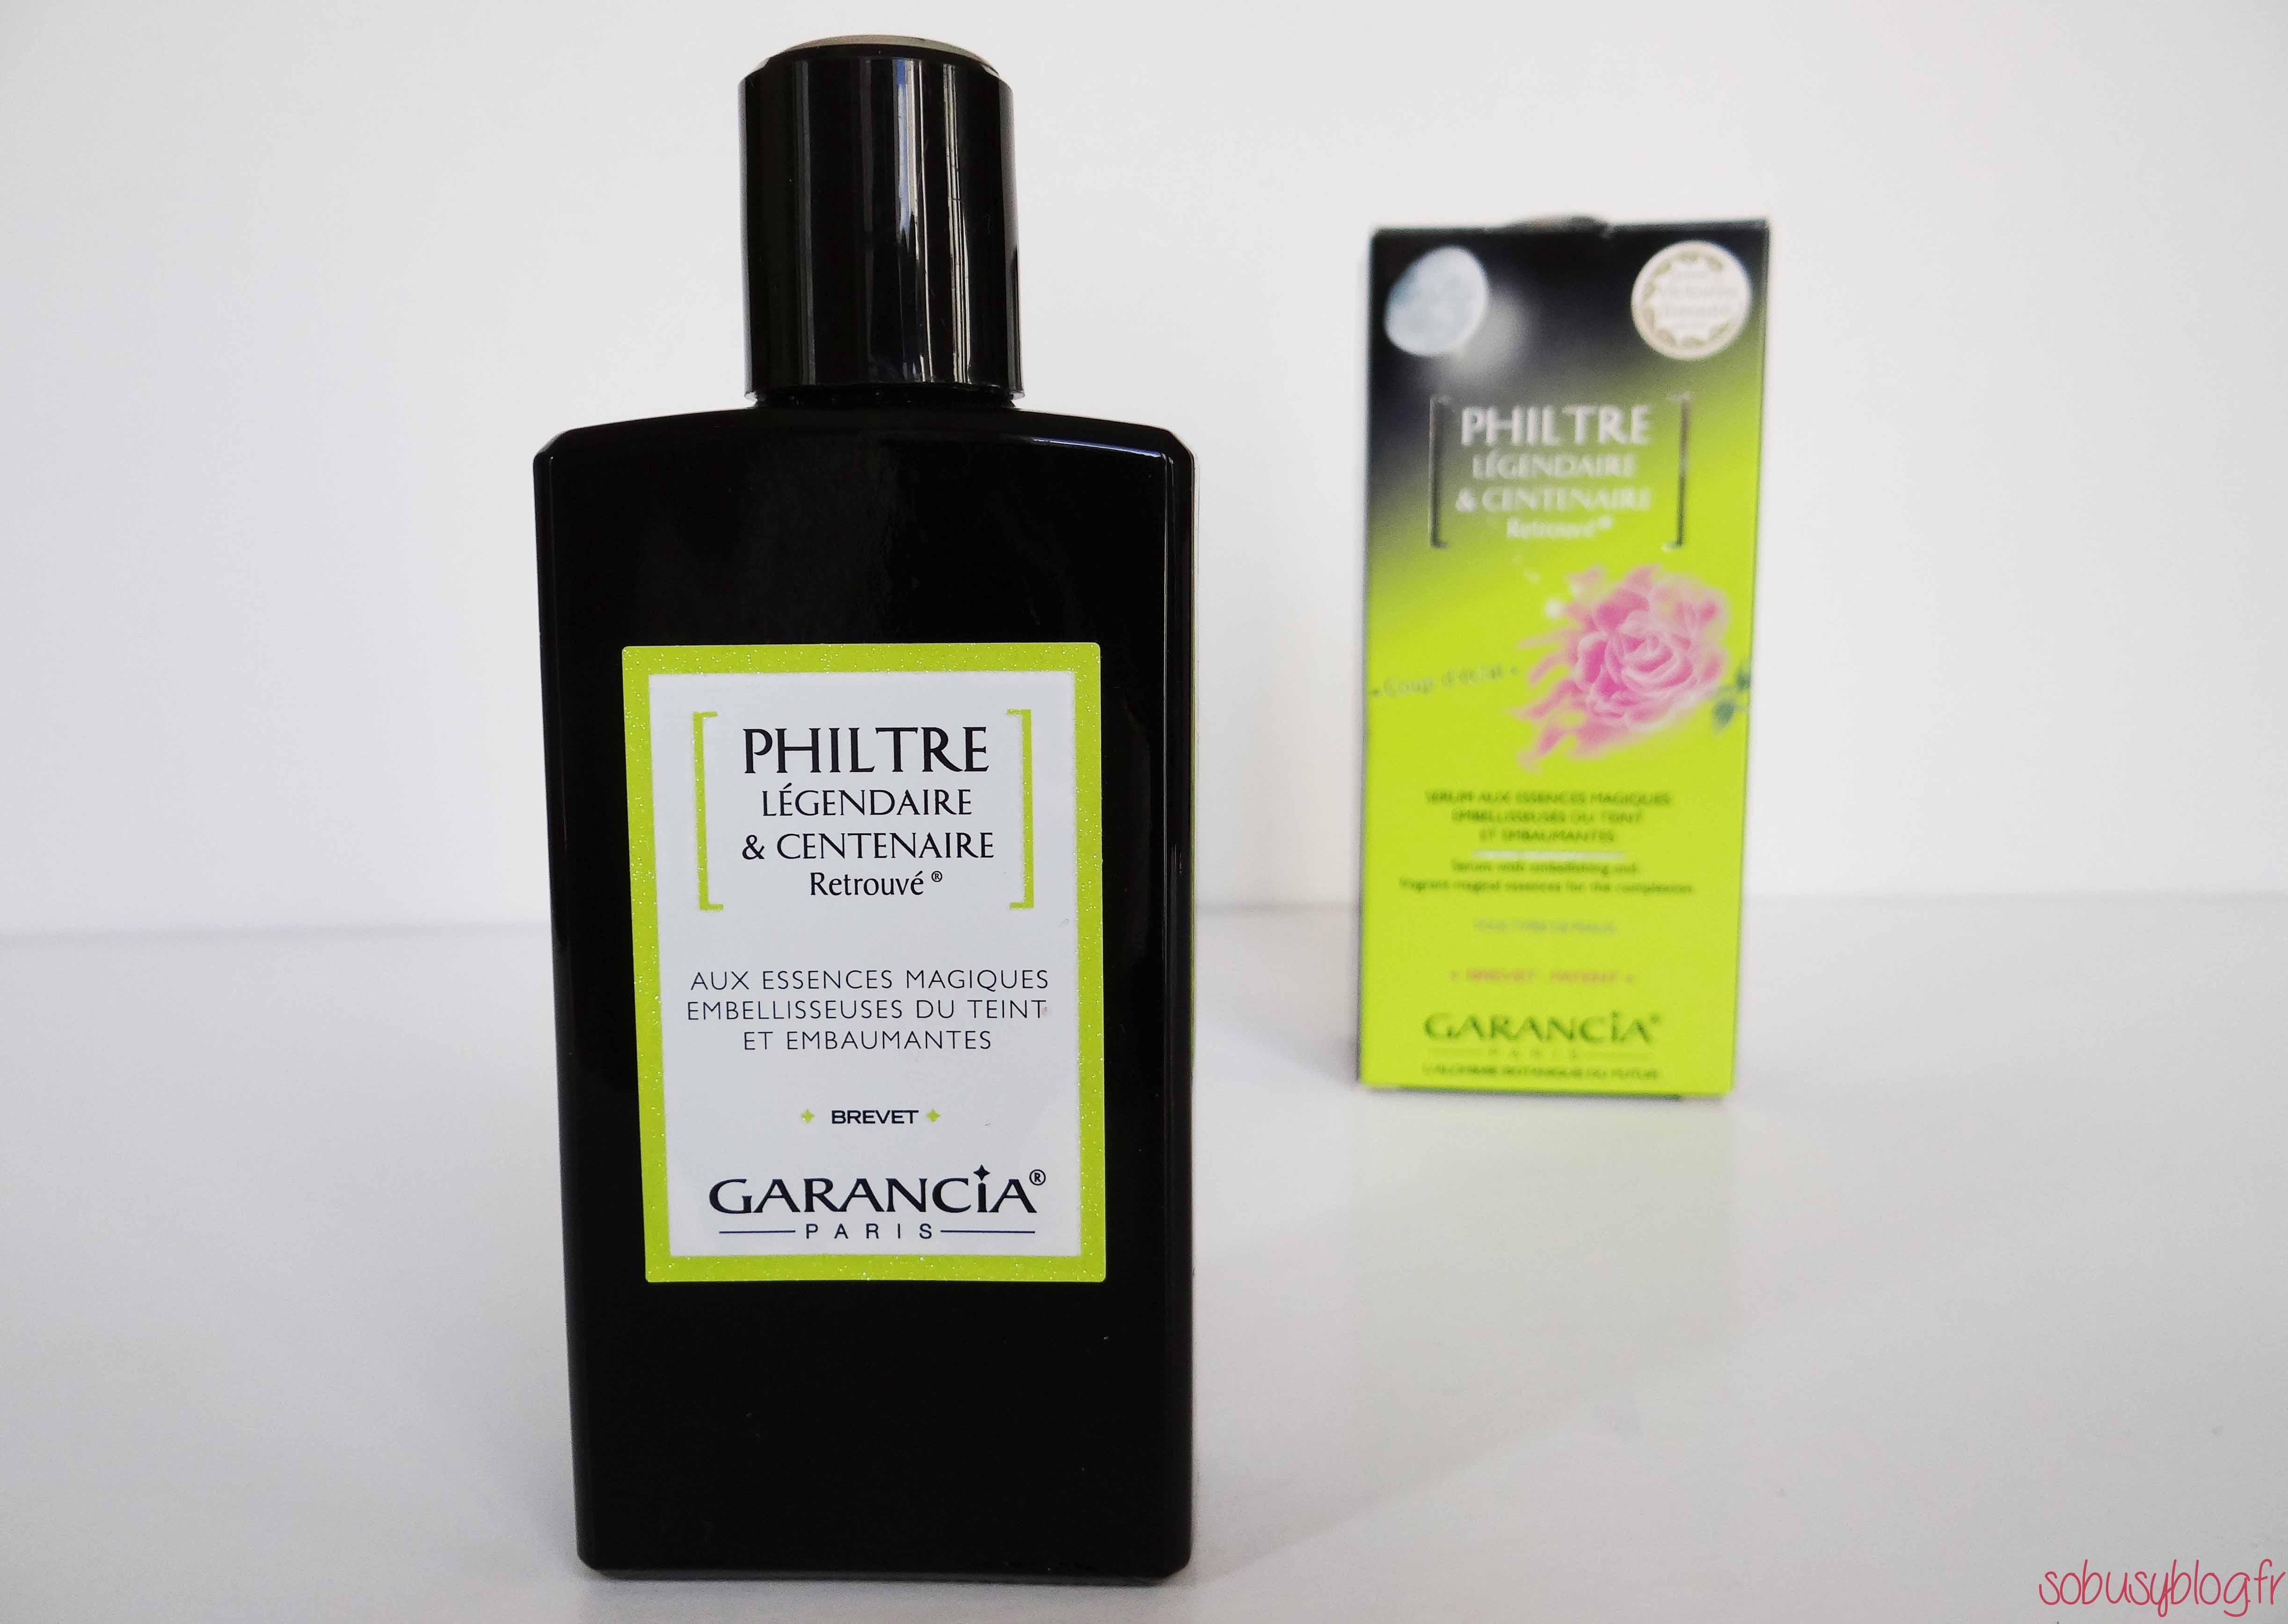 philtre-legendaire-coup-d-eclat-garancia-serum-test